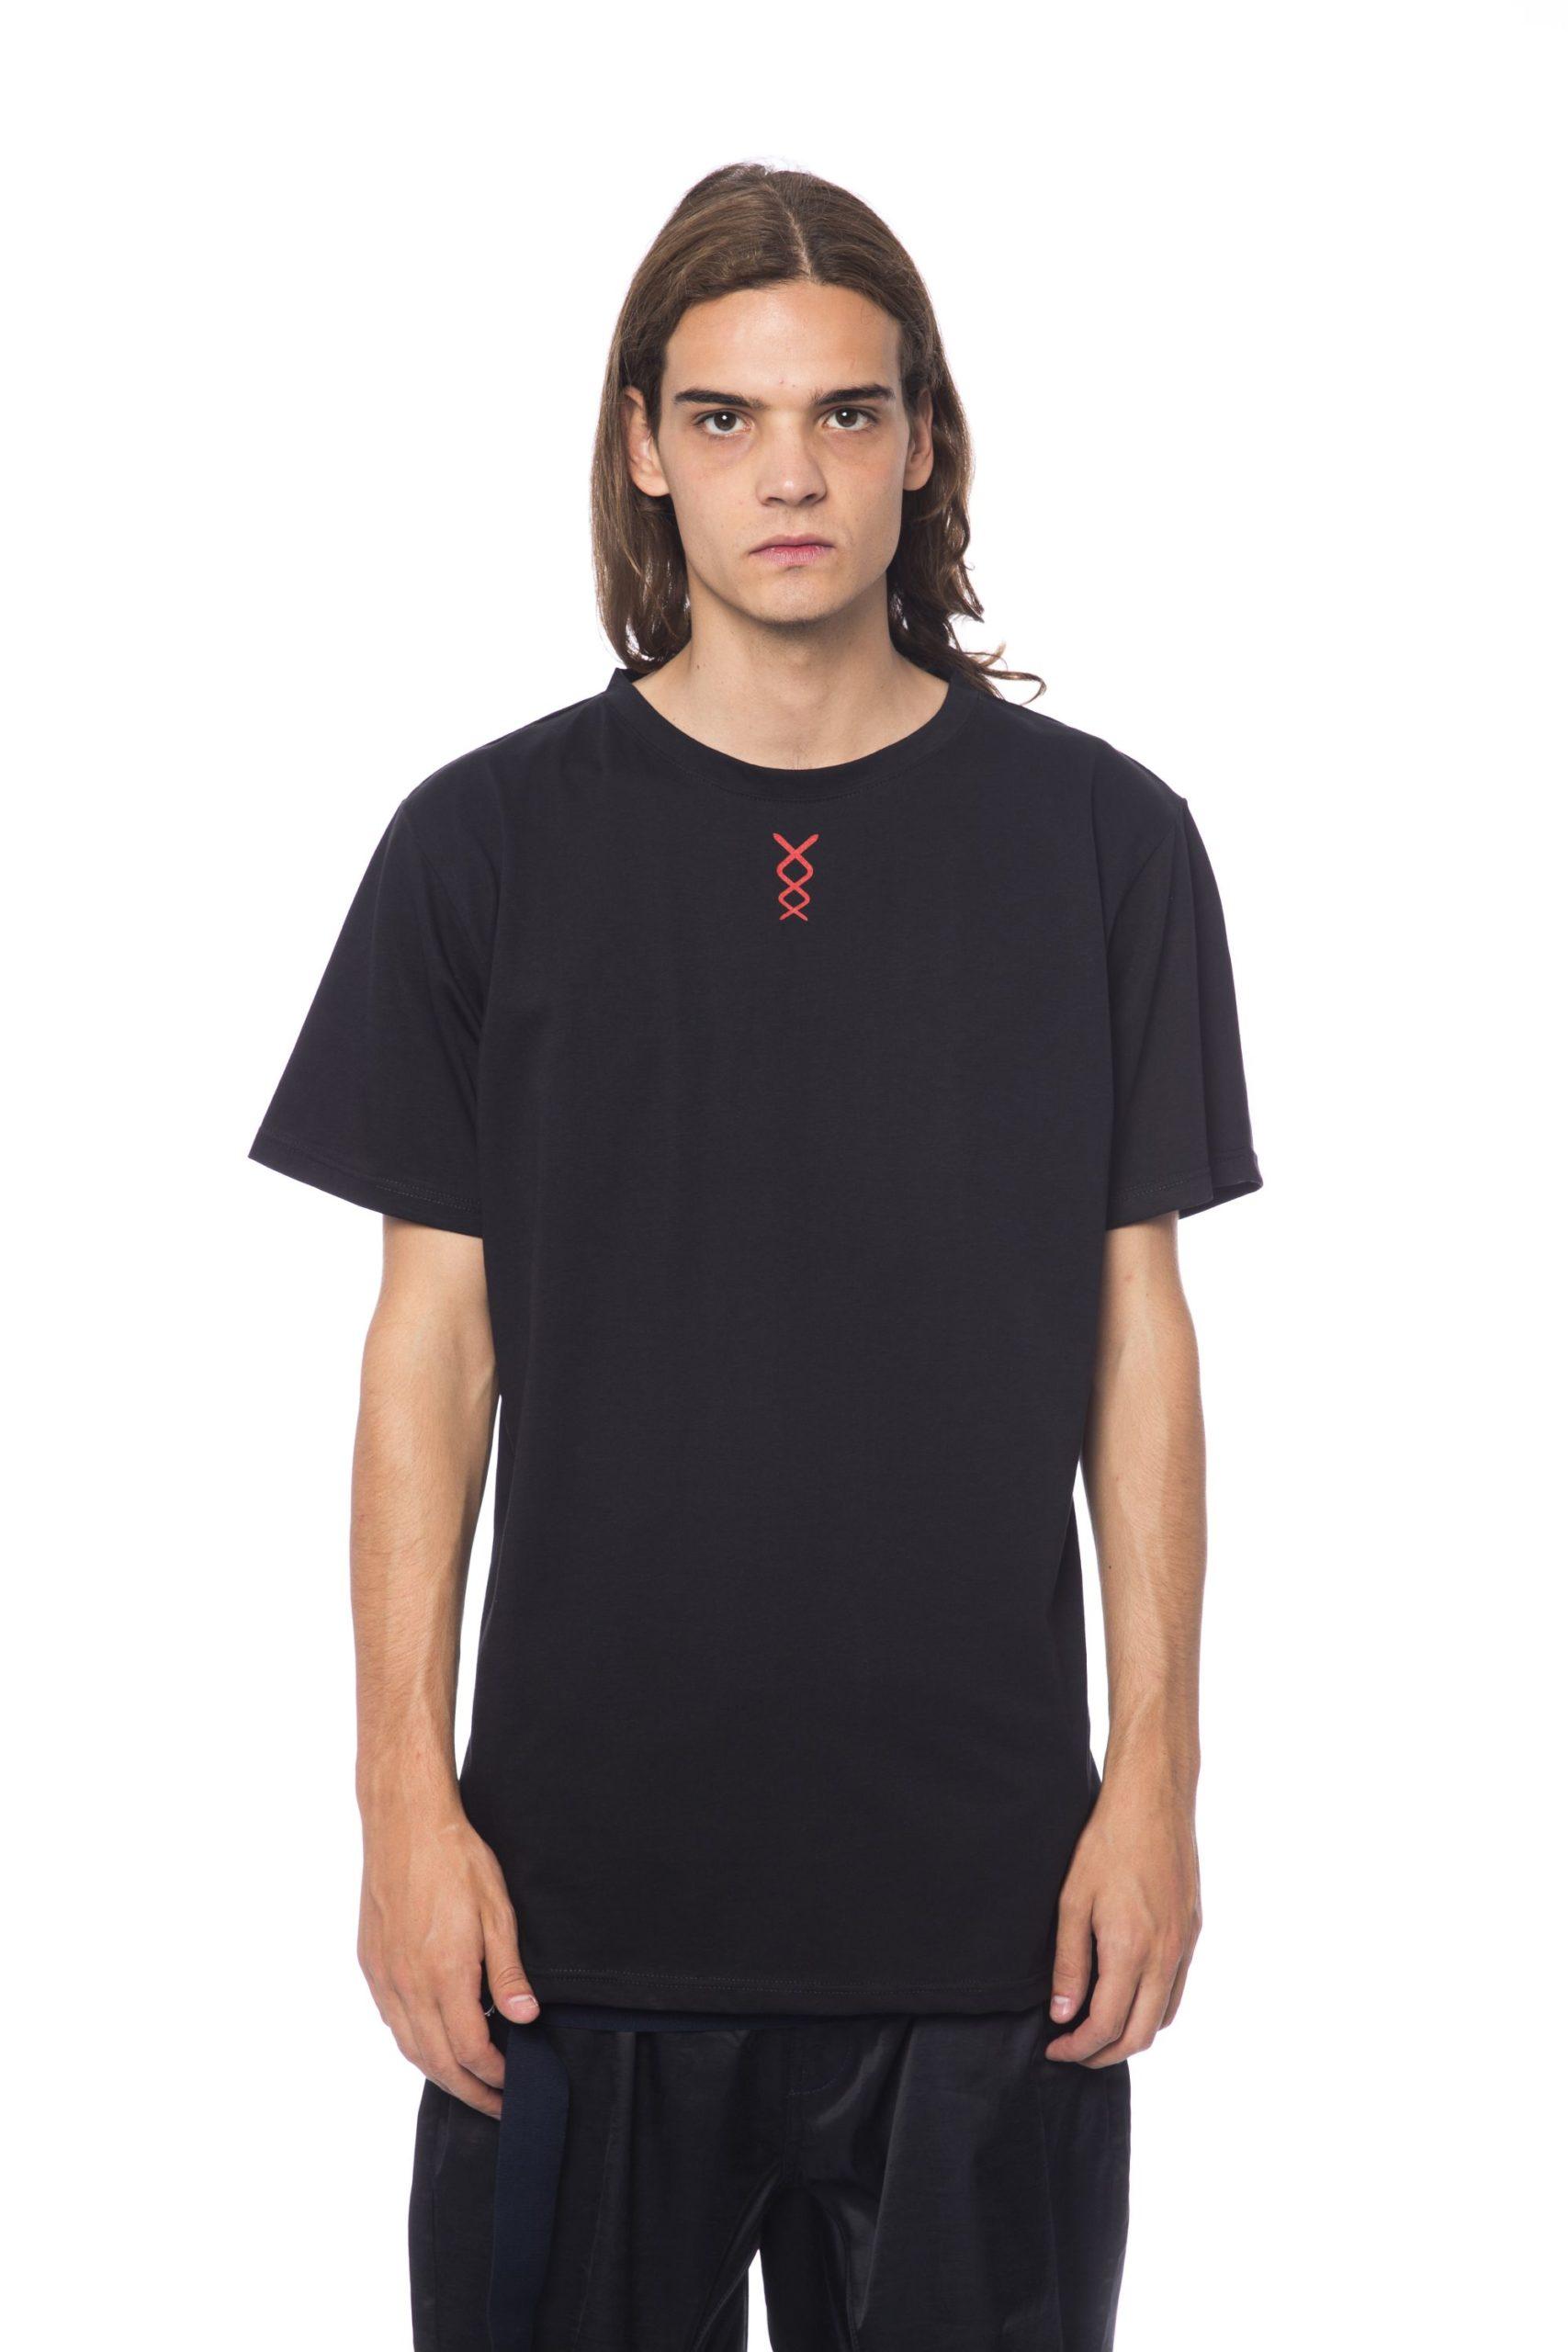 Nicolo Tonetto Men's Nero T-Shirt Black NI681914 - S